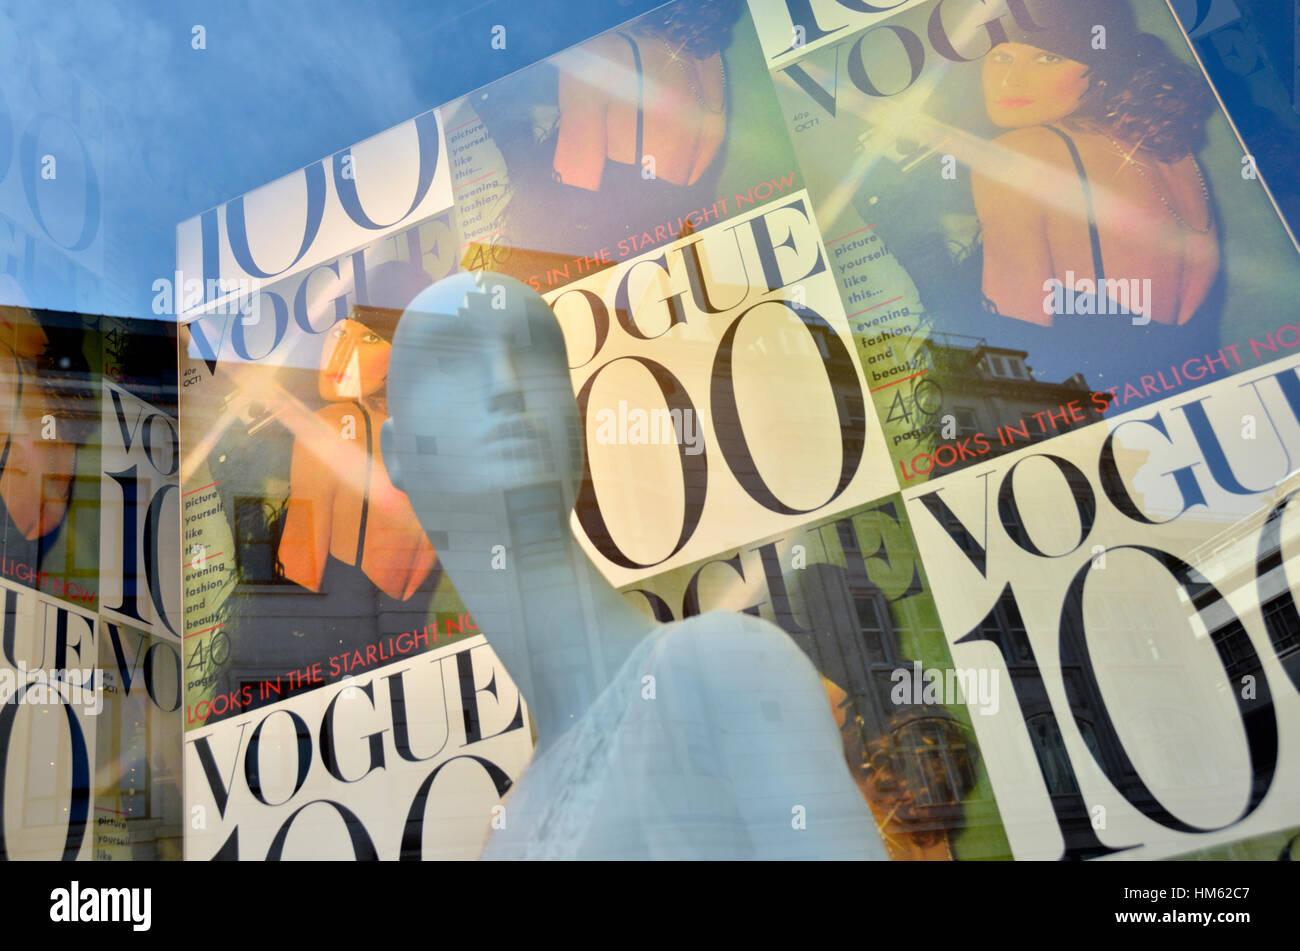 Une vitrine afficher commémorant les 100 ans du magazine Vogue Photo Stock